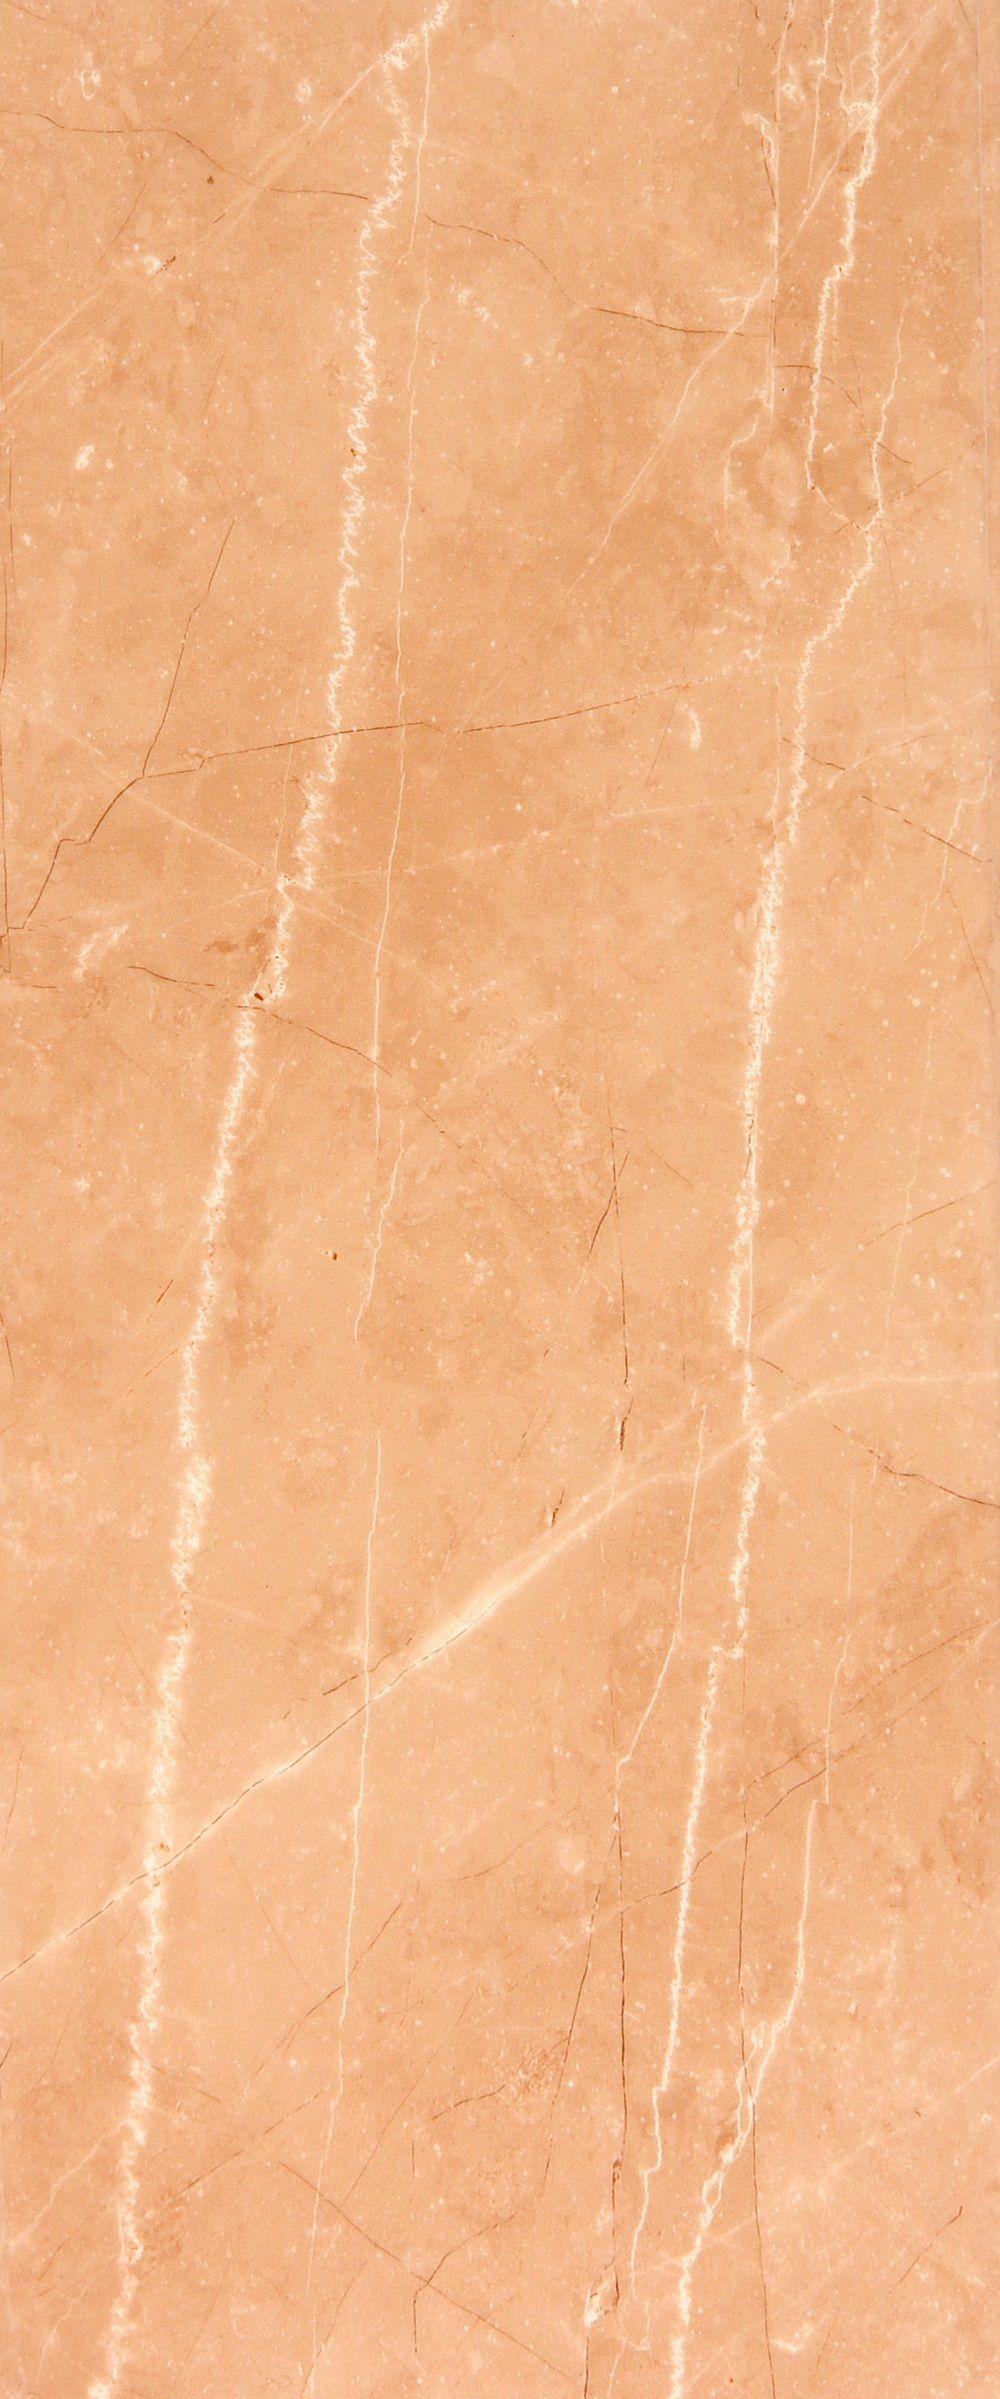 Керамическая плитка настенная Шахтинская Dreamstone 01 терракотовый 600*250 (шт.) от Ravta